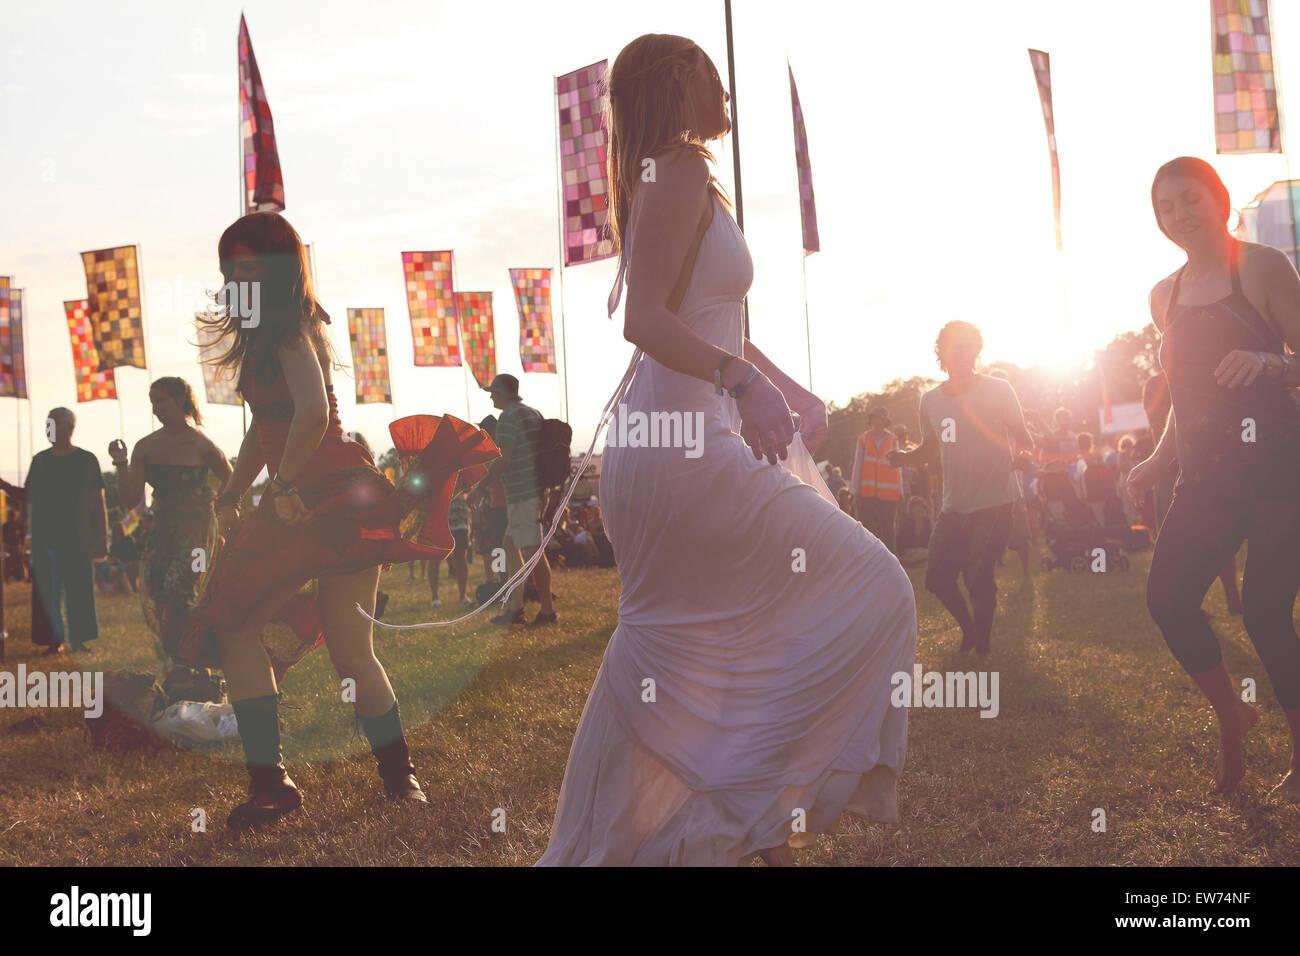 Las niñas bailando en music festival WOMAD 2012 Imagen De Stock